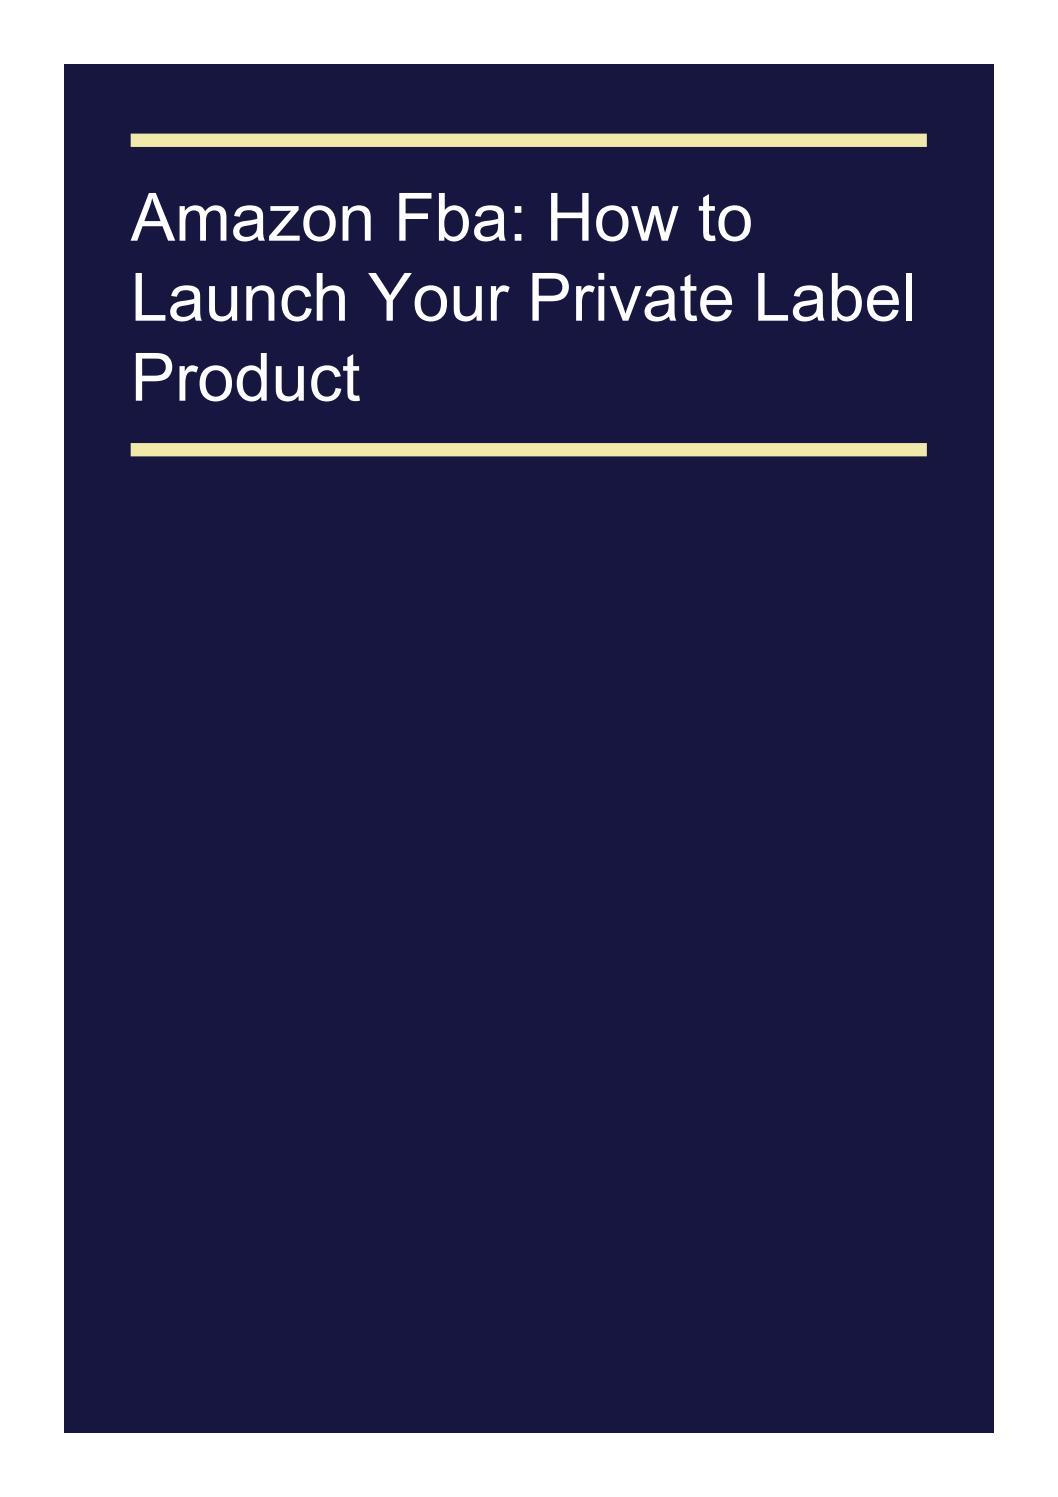 private label amazon fba